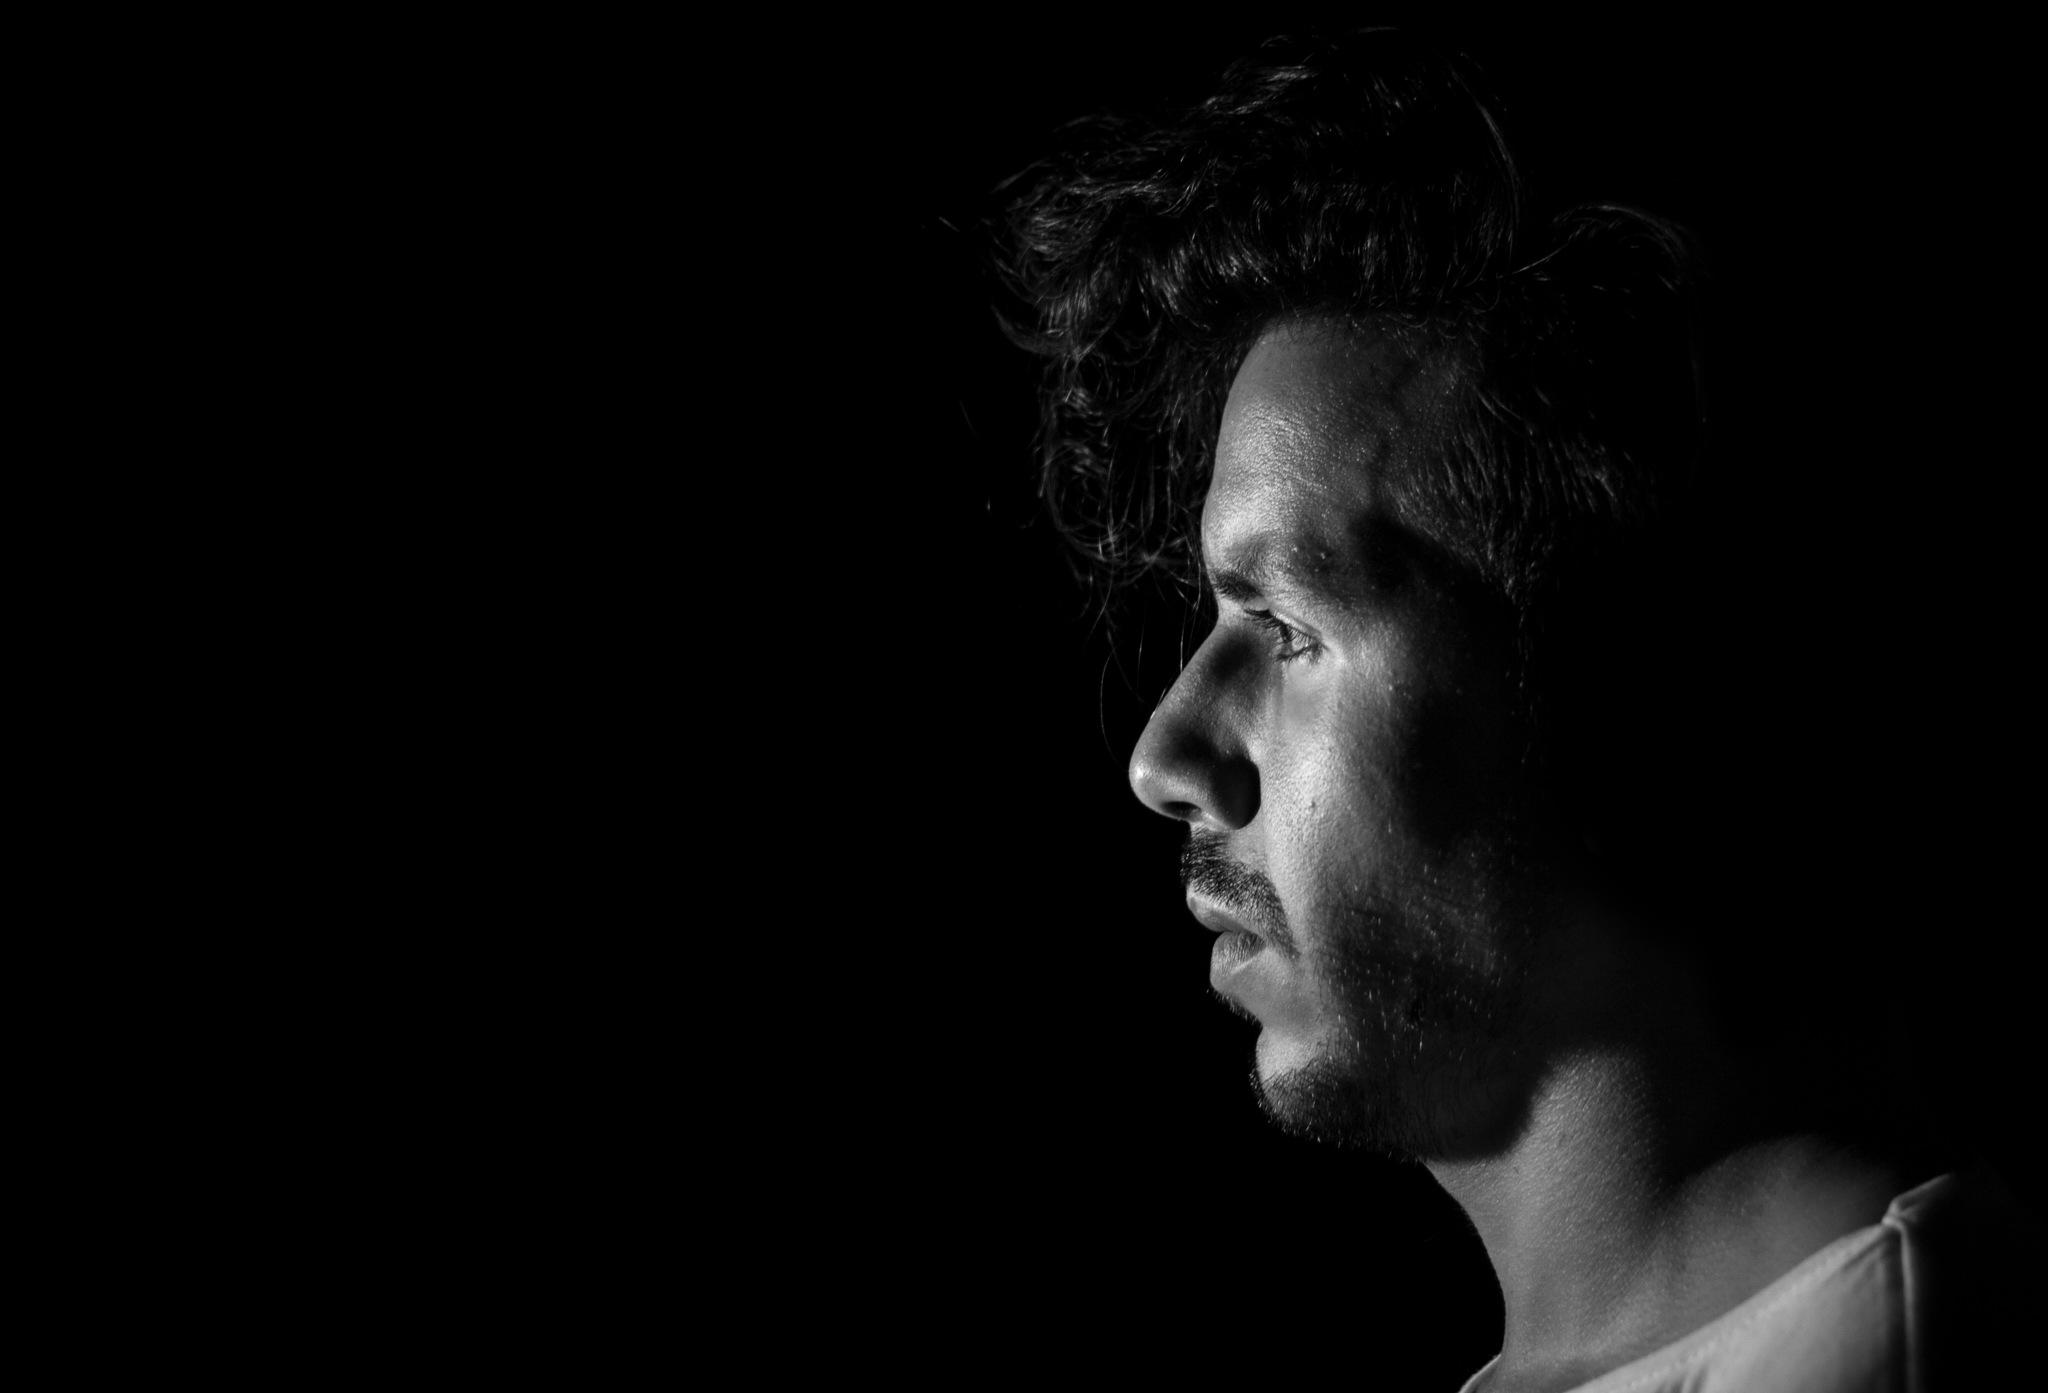 Self-Portrait by Zakaria Boumliha